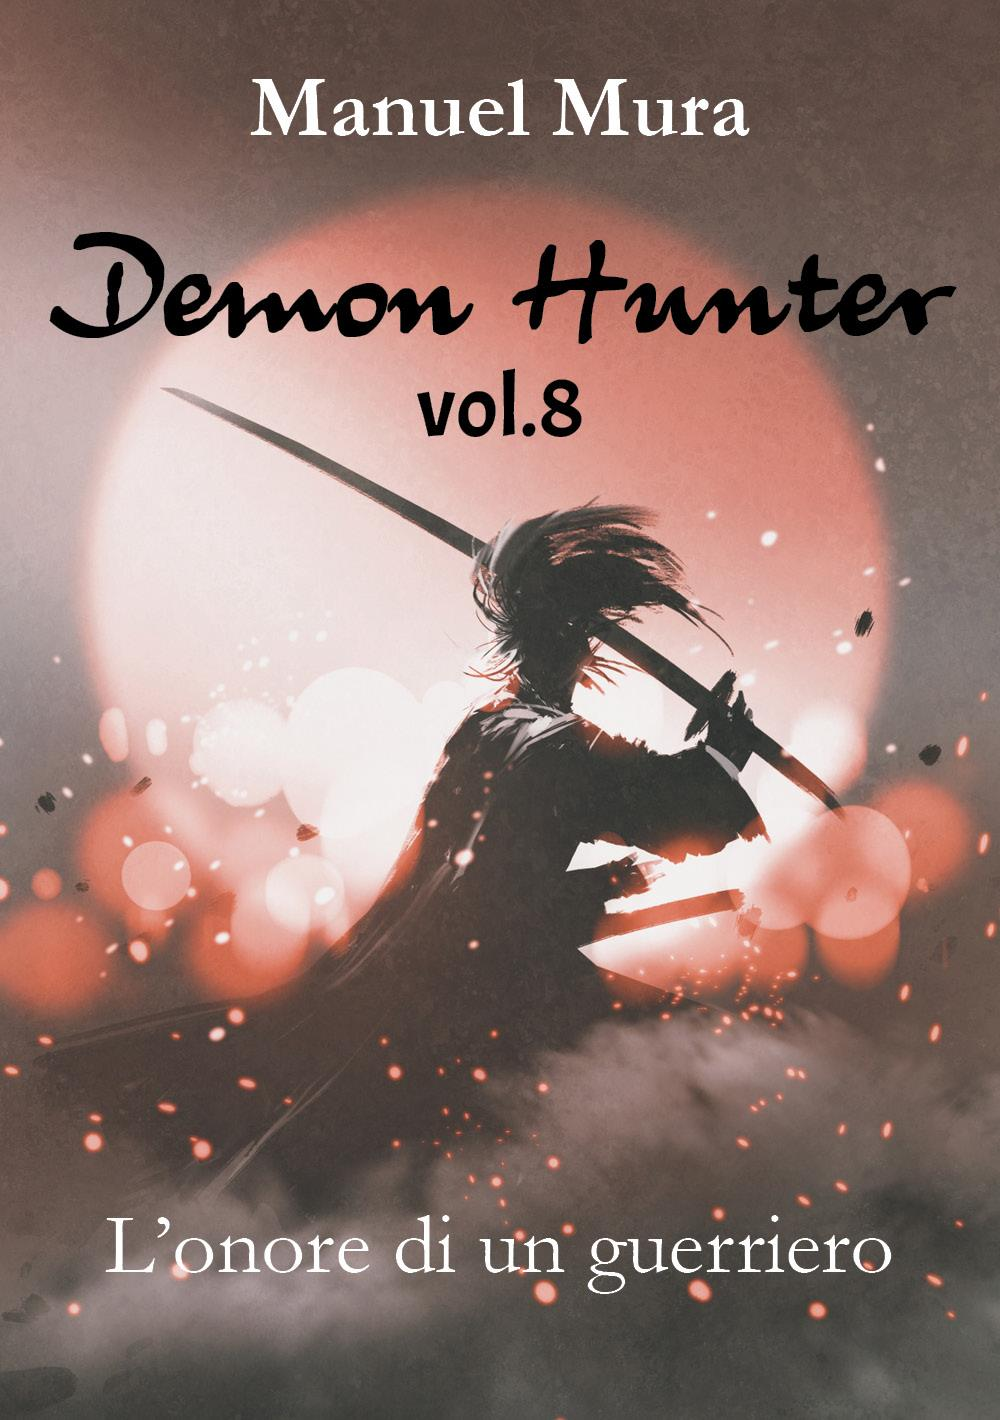 Demon Hunter vol.8 - L'onore di un guerriero